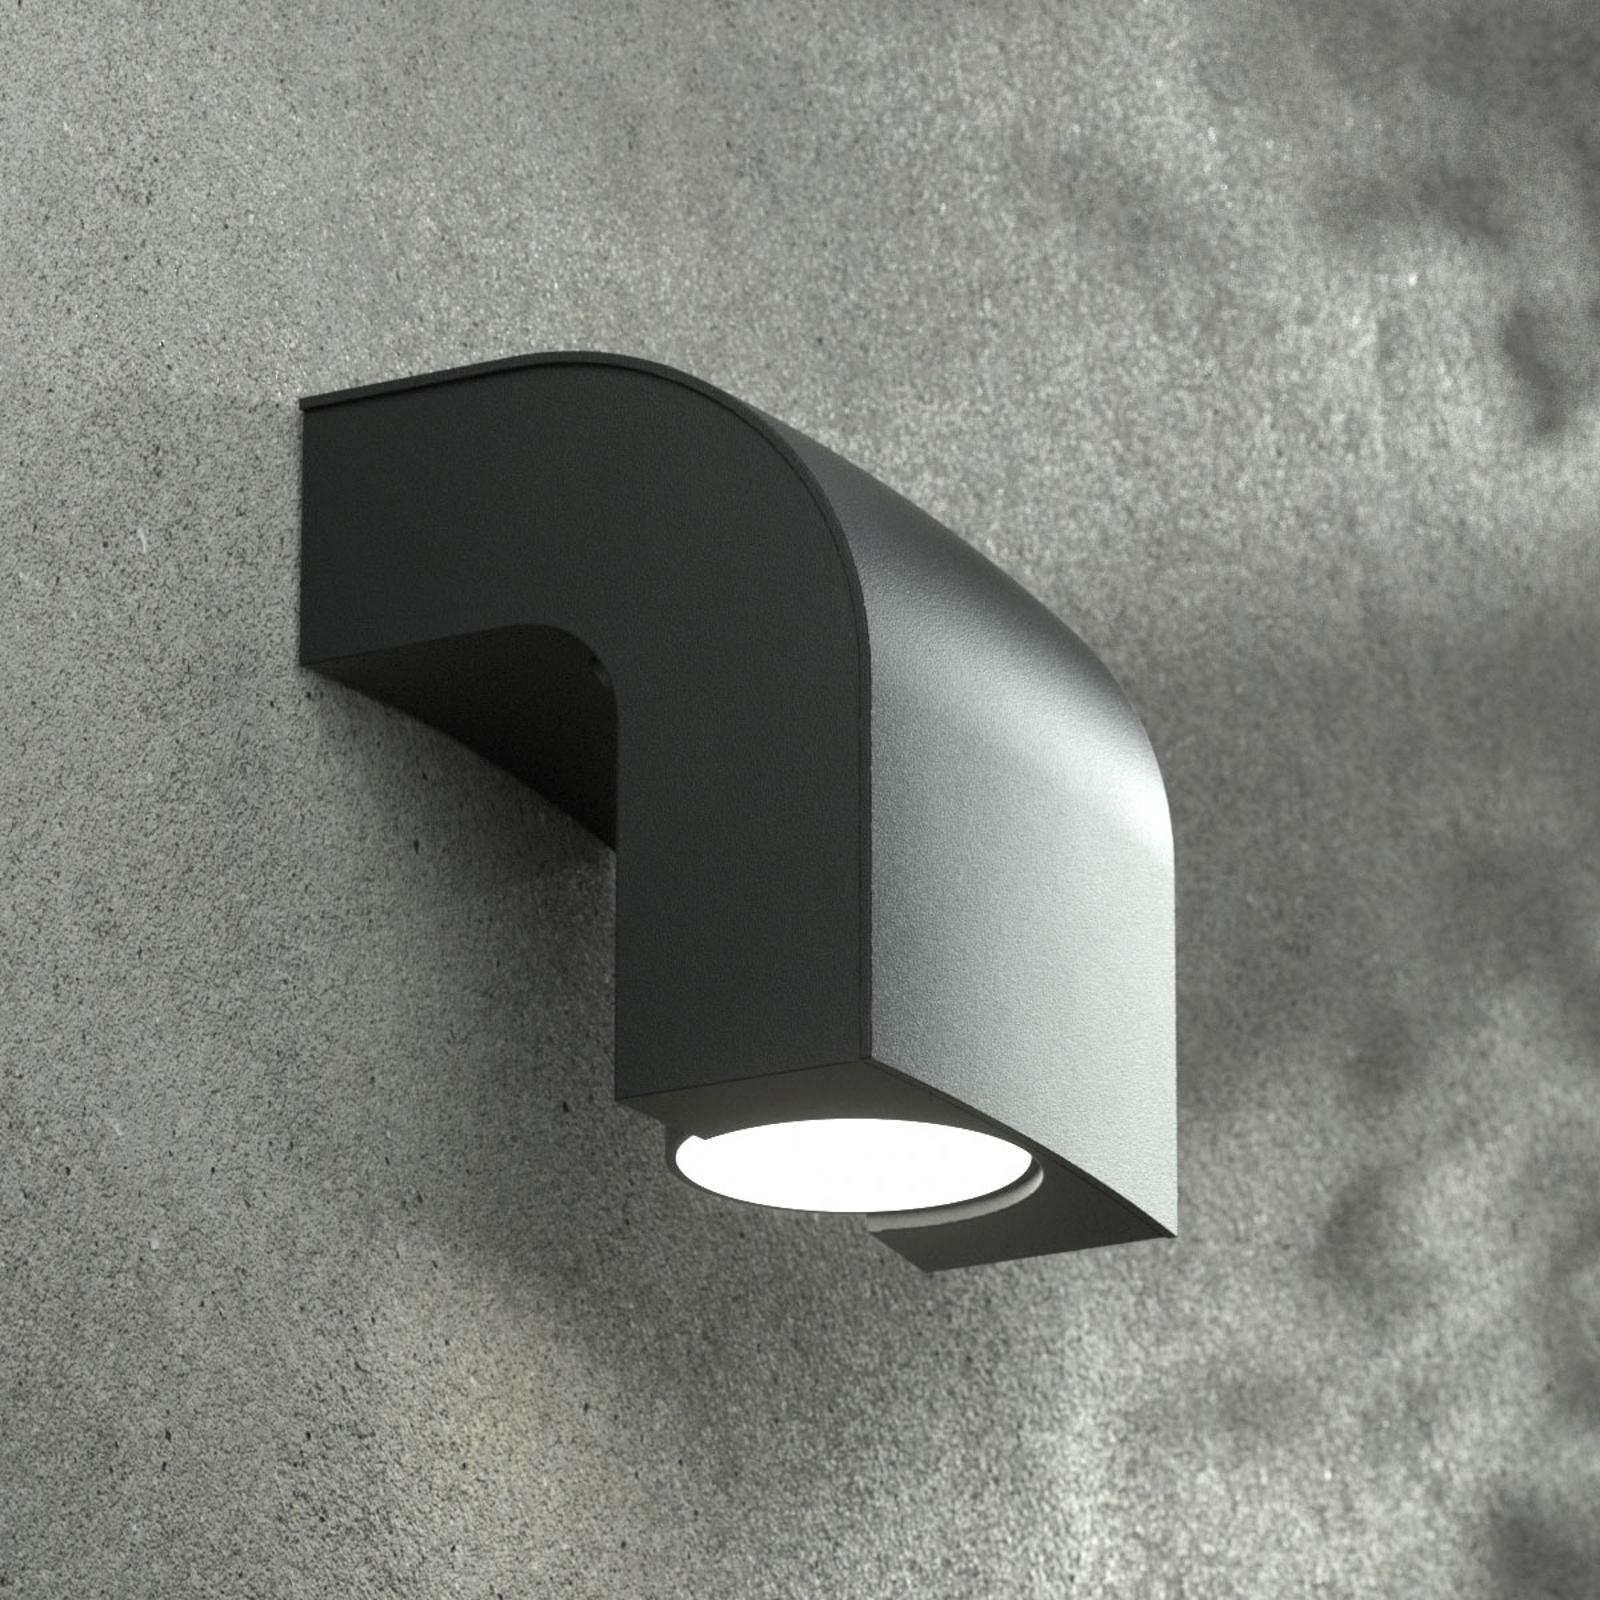 Utendørs vegglampe KLAMP, 13 cm, 1 lyskilde